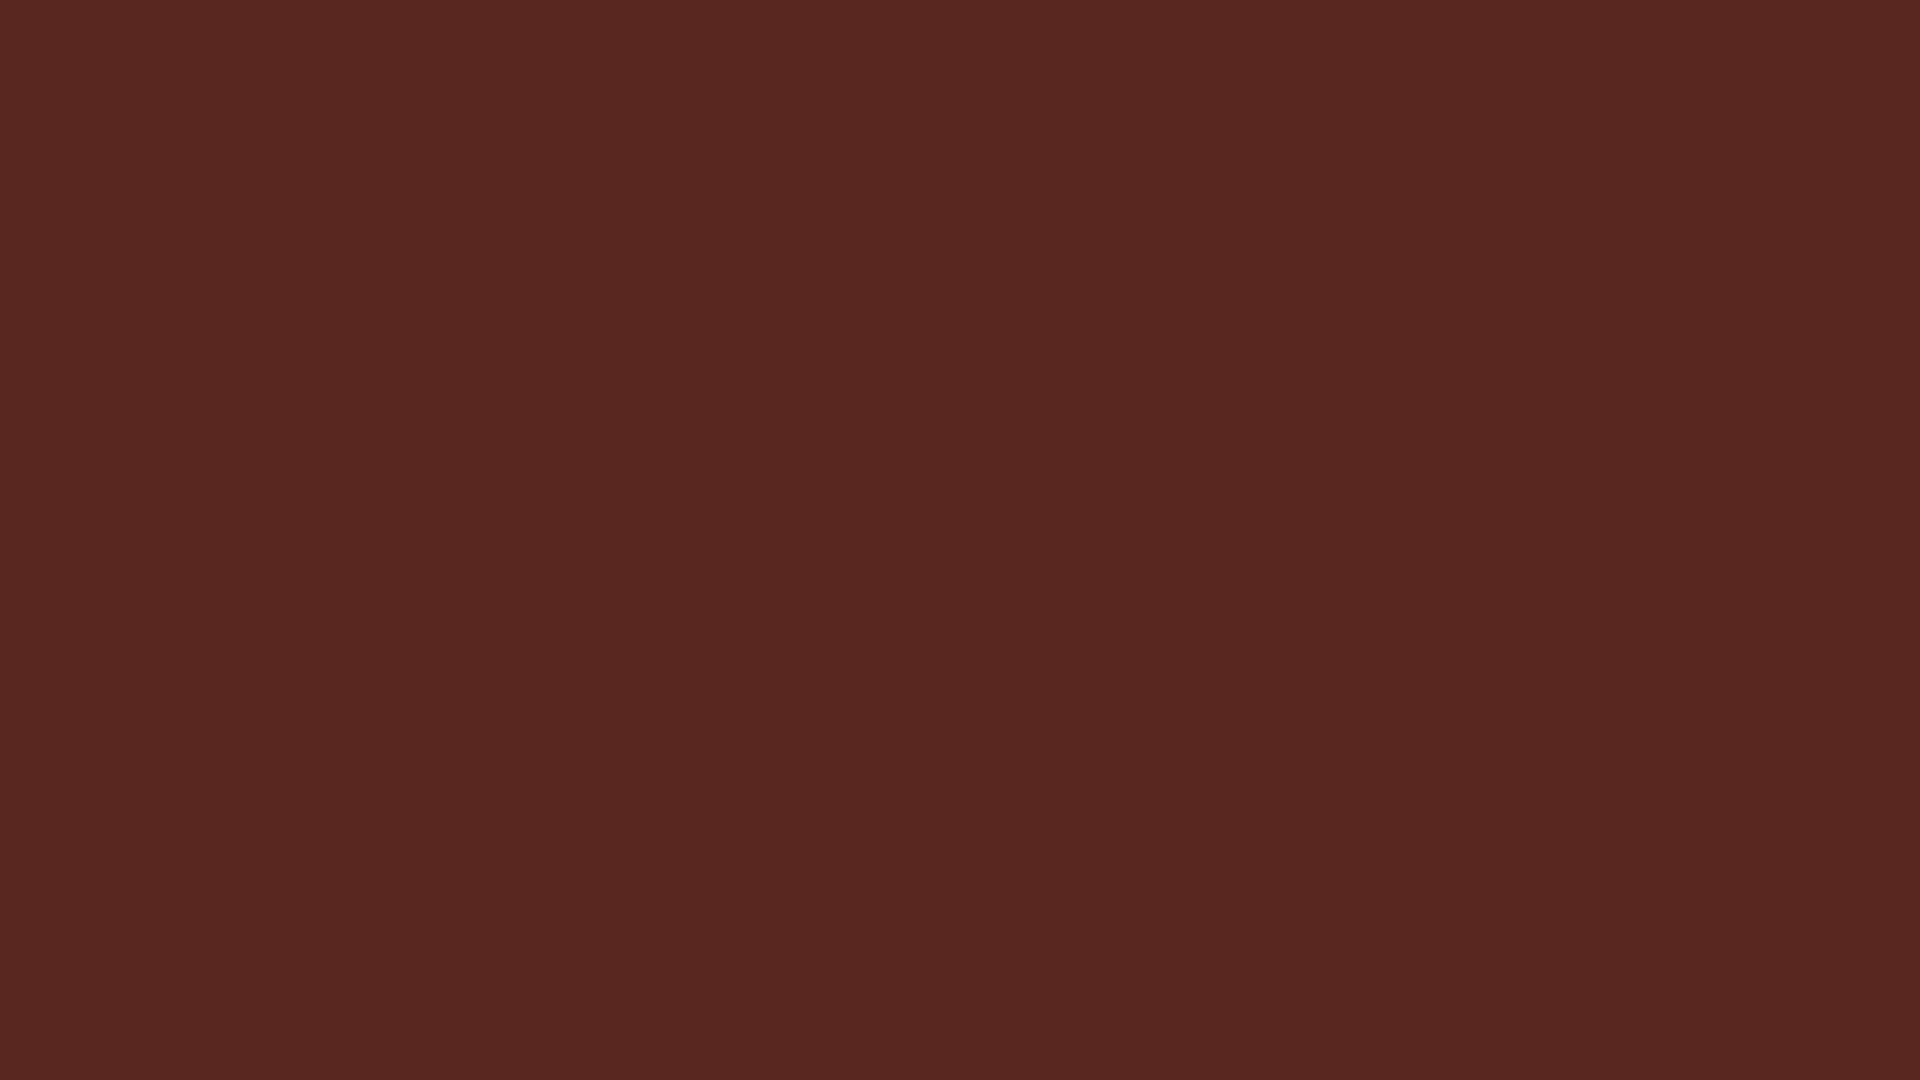 1920x1080 Caput Mortuum Solid Color Background